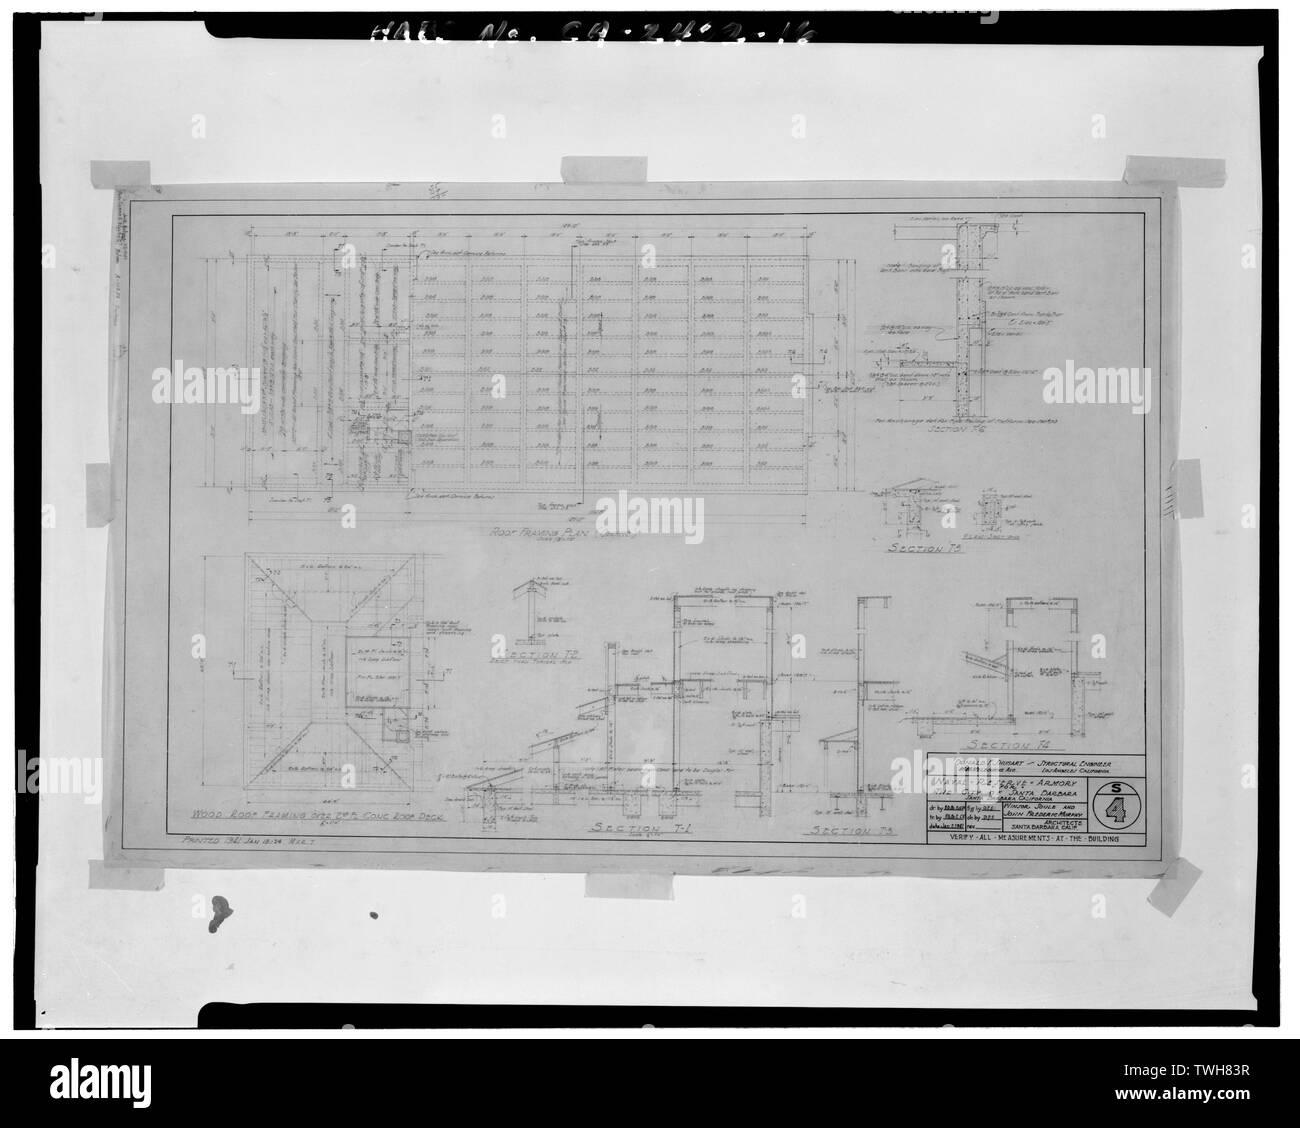 Techo plano de encuadre, Hoja 4 - Reserva Naval Armory, 113 Harbour Way, Santa Bárbara, en el condado de Santa Bárbara, CA. Foto de stock